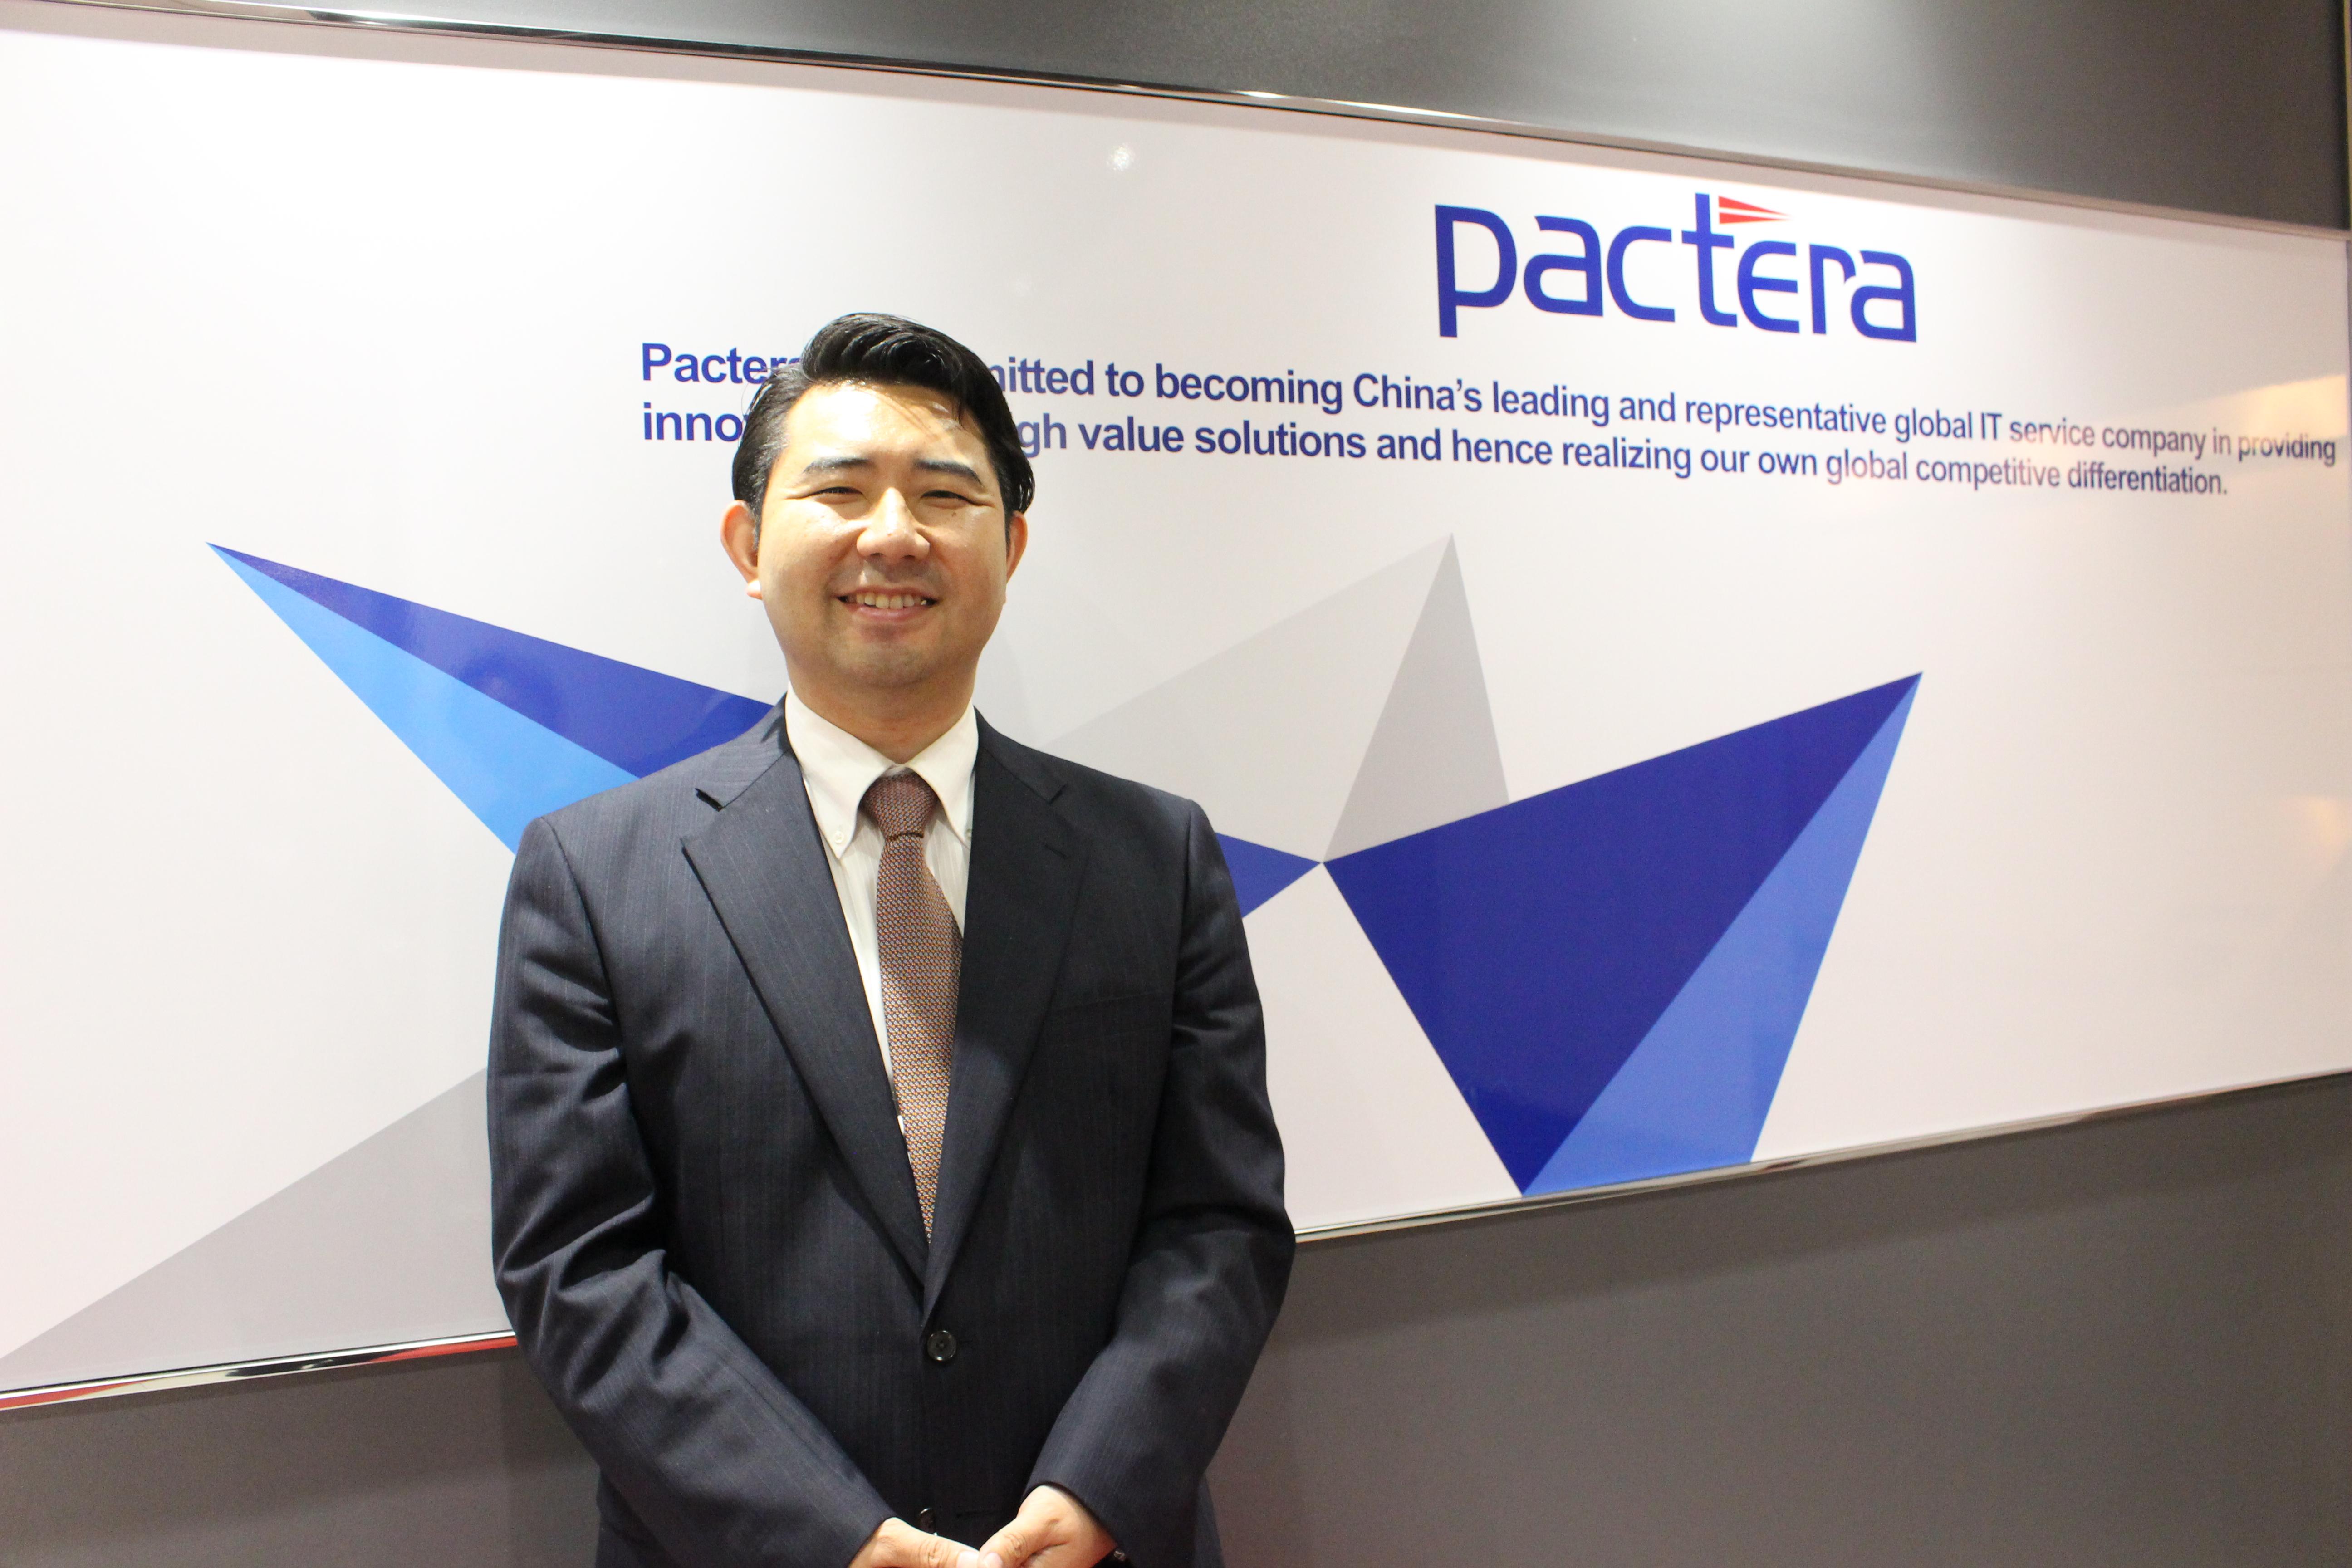 パクテラ・コンサルティング・ジャパン株式会社